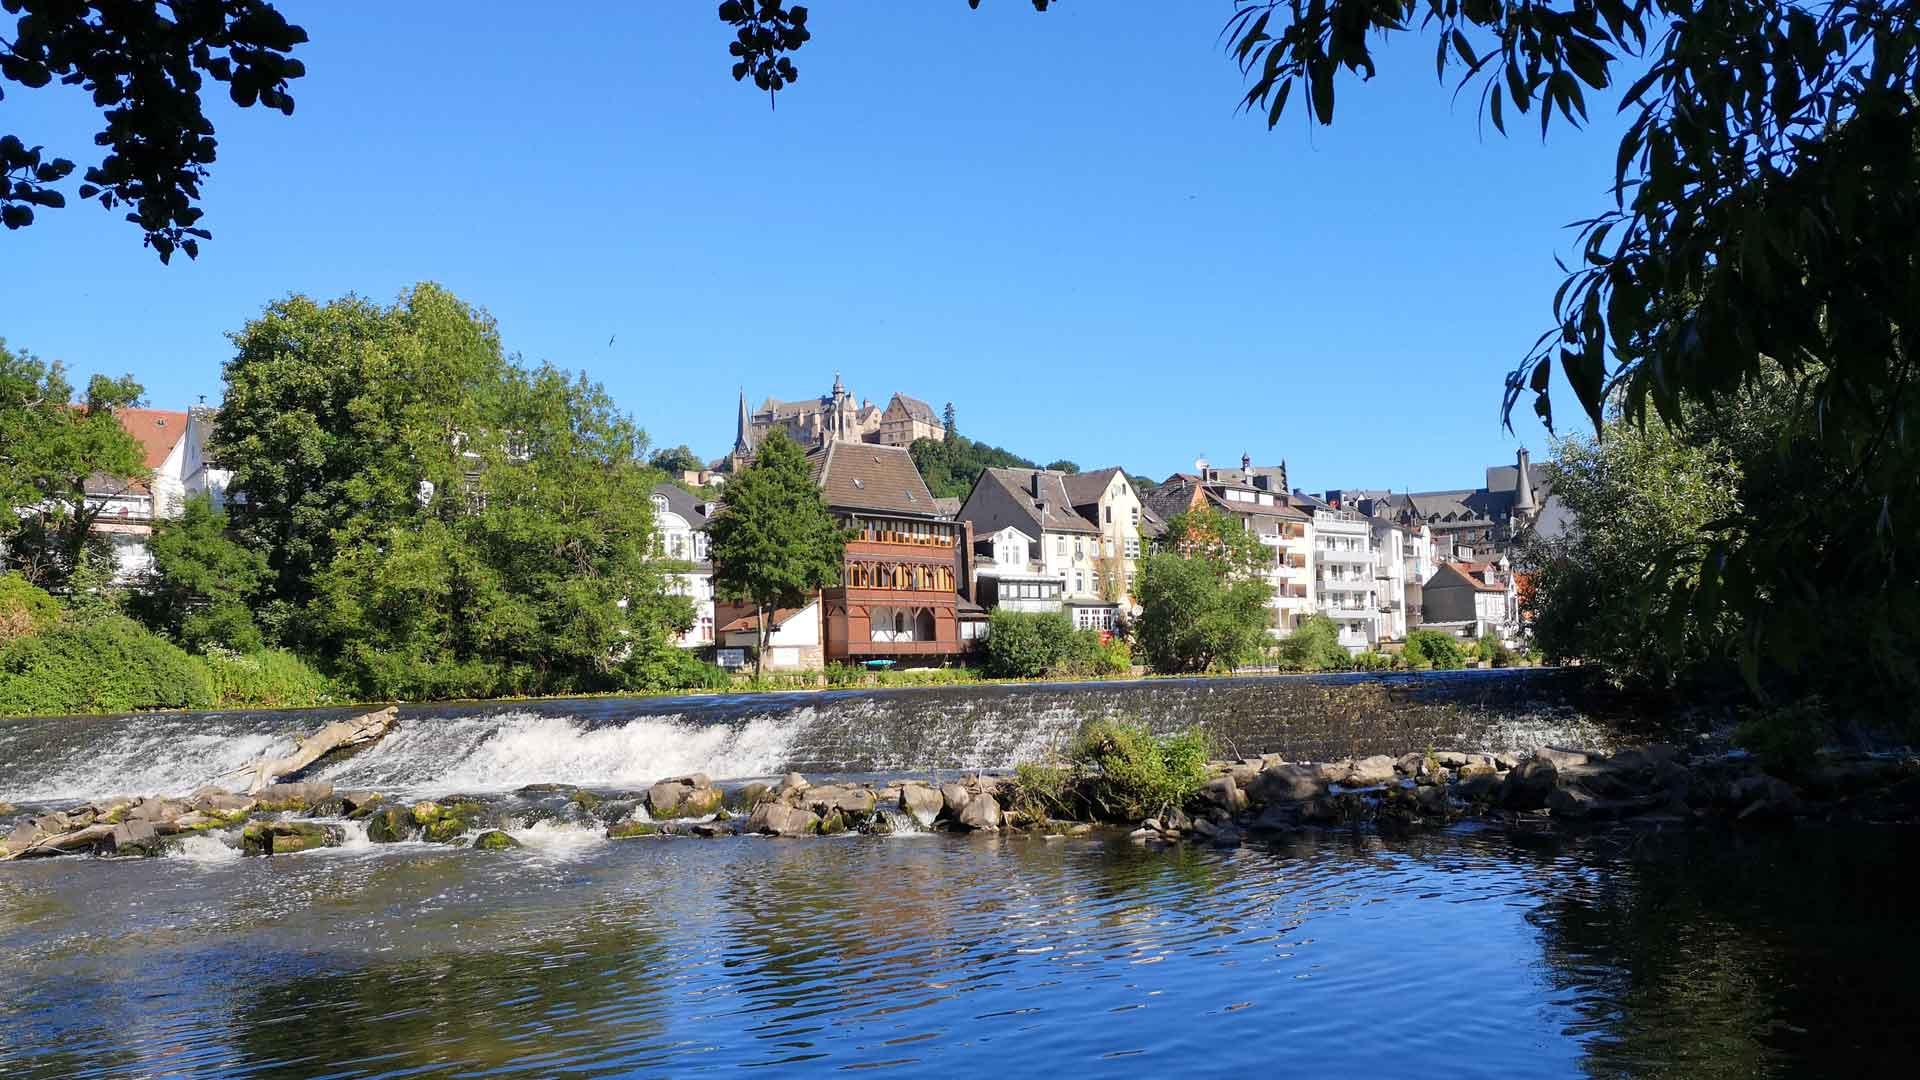 Uitzicht op Marburg vanaf de Lahnradweg.